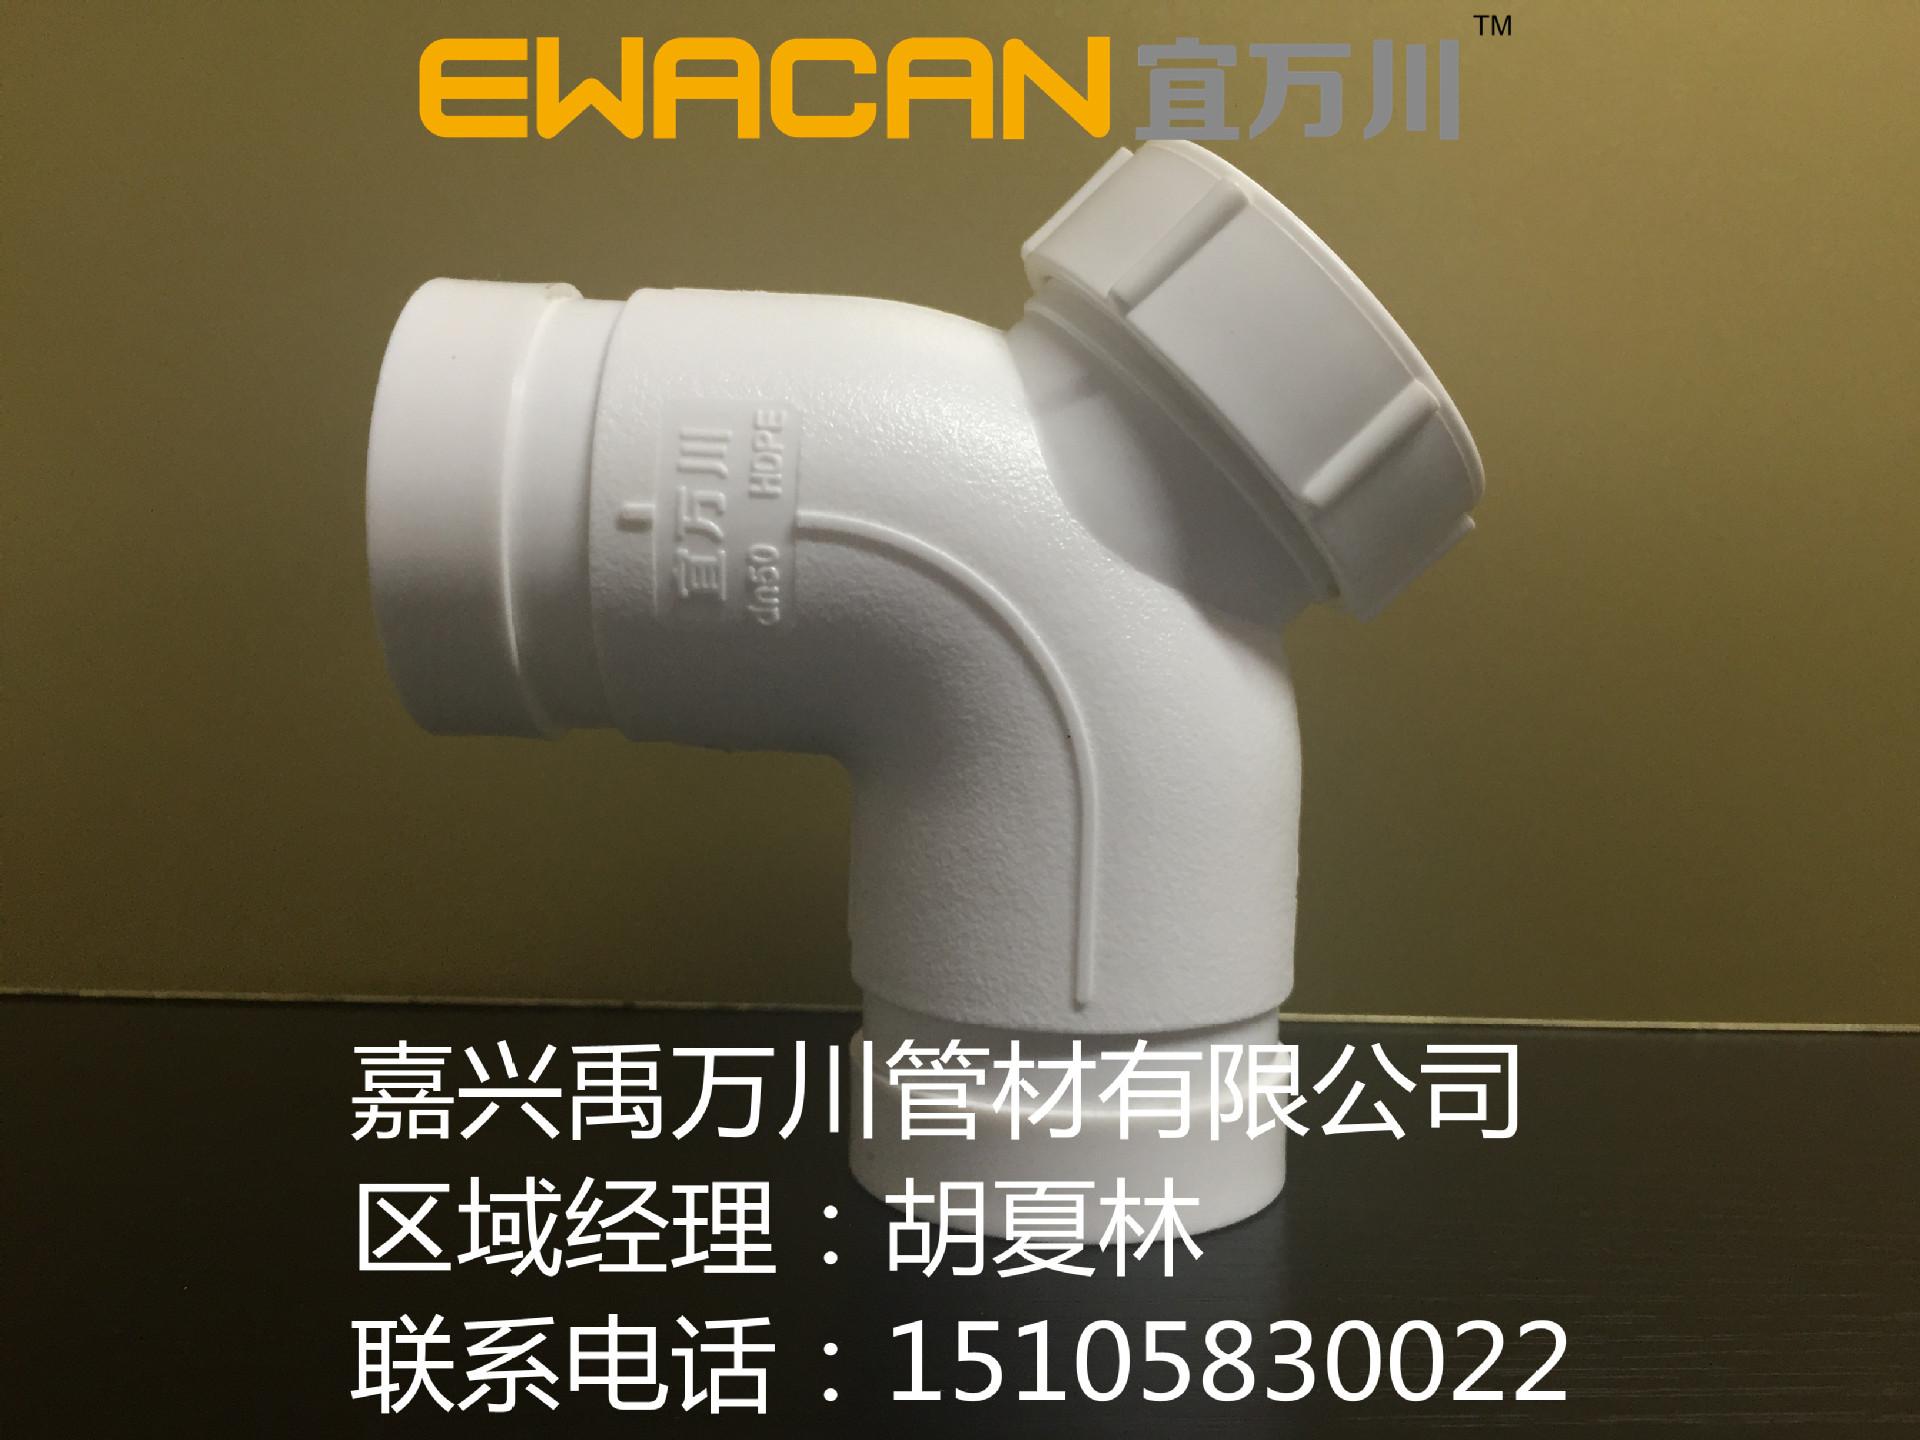 直供沟槽式HDPE超静音排水管,90度门弯,宜万川沟槽静音排水管示例图3